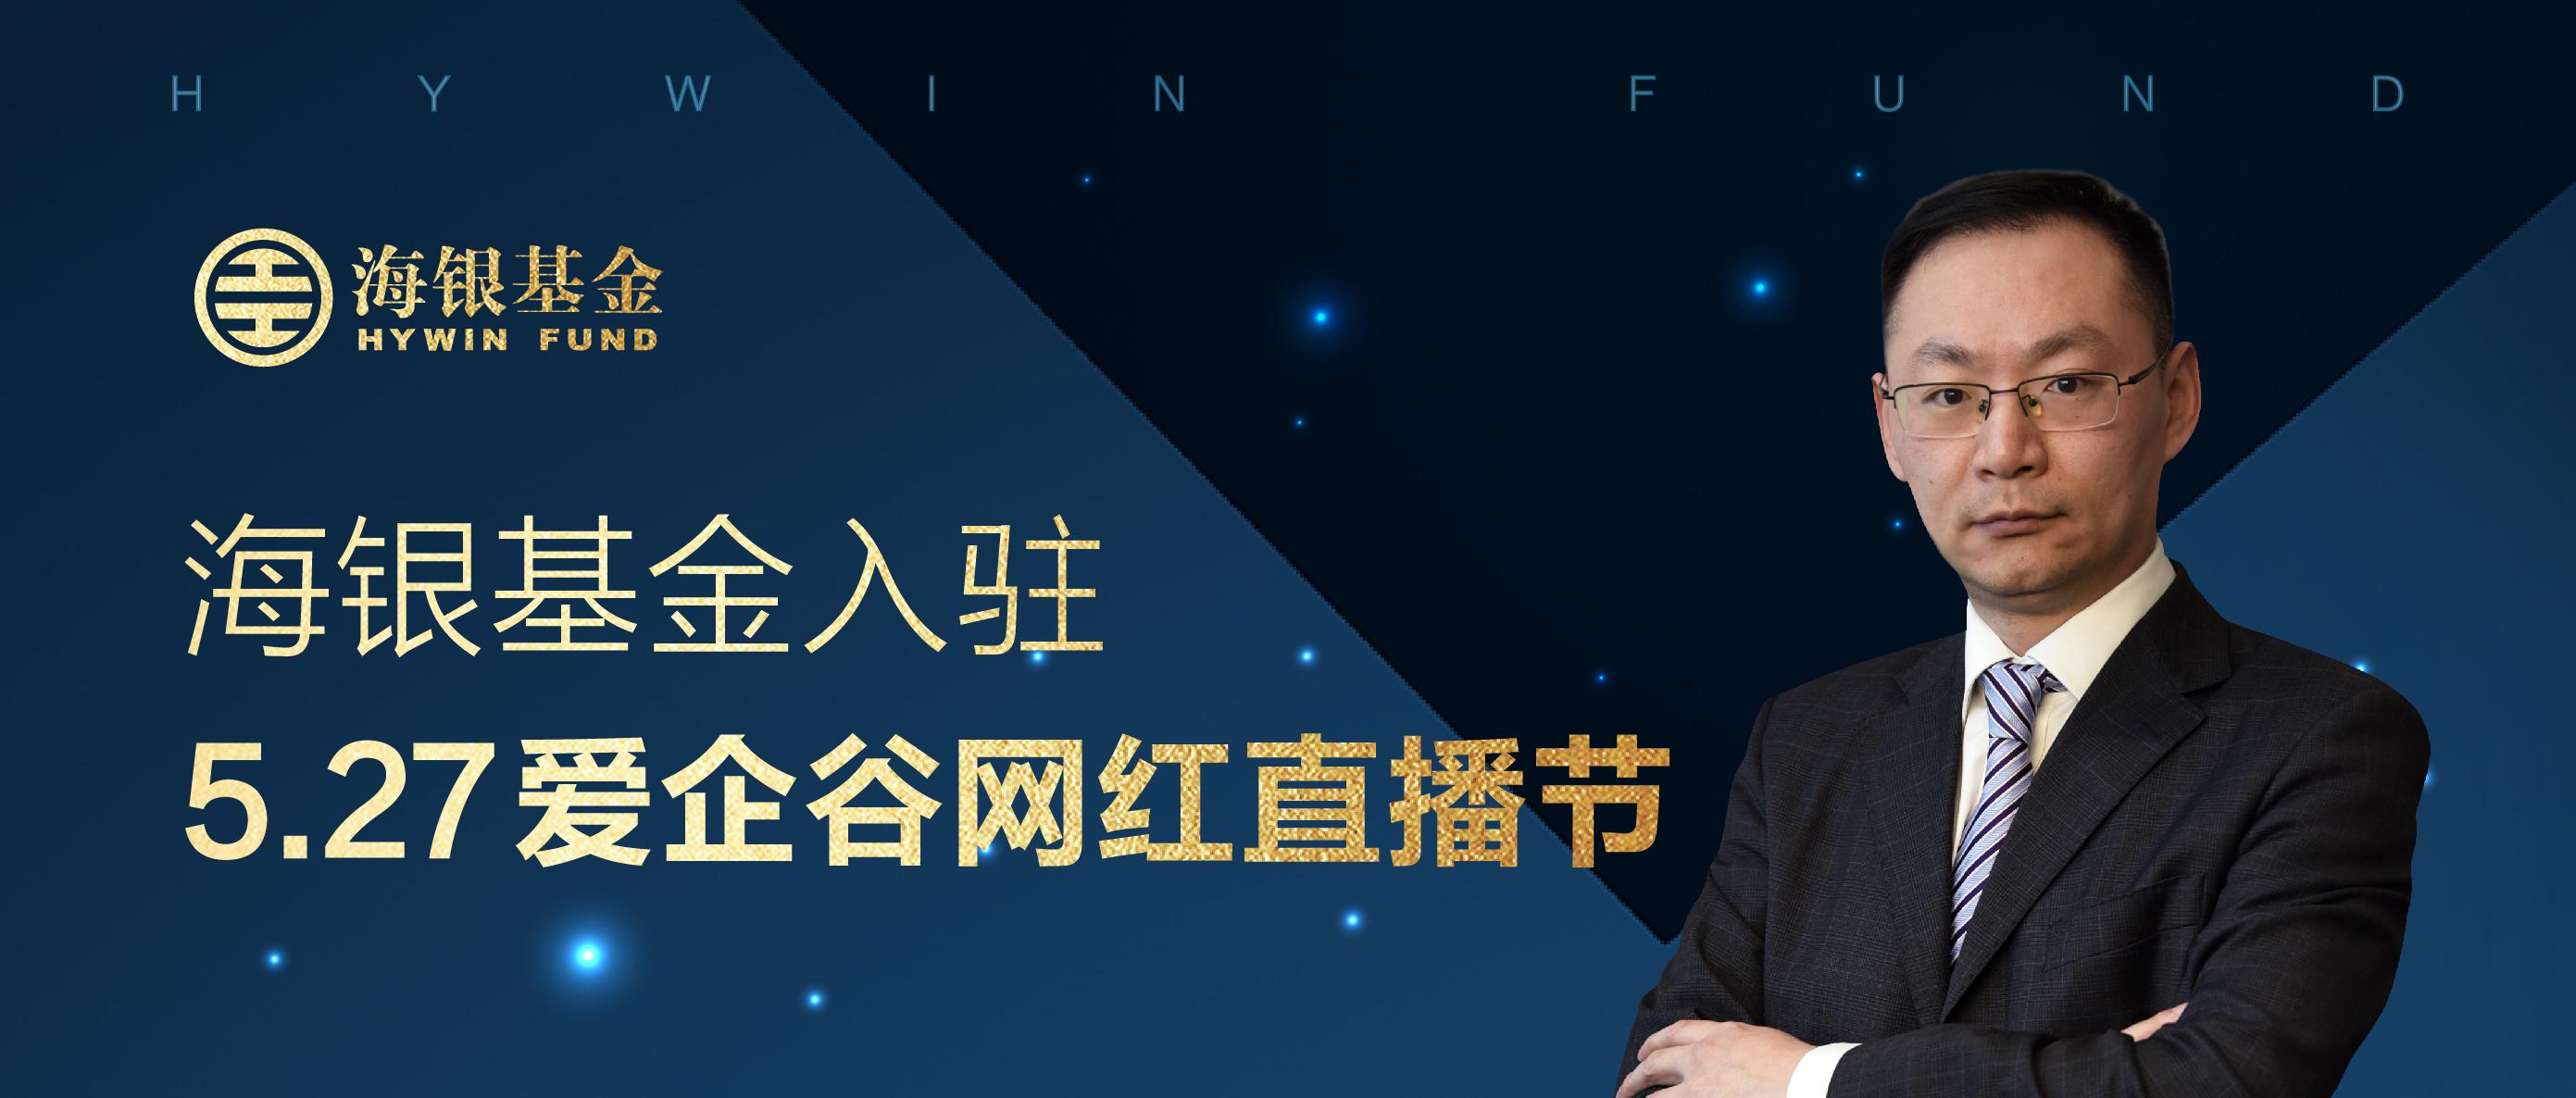 """海银基金受邀出席""""5.27爱企谷网红直播节"""""""